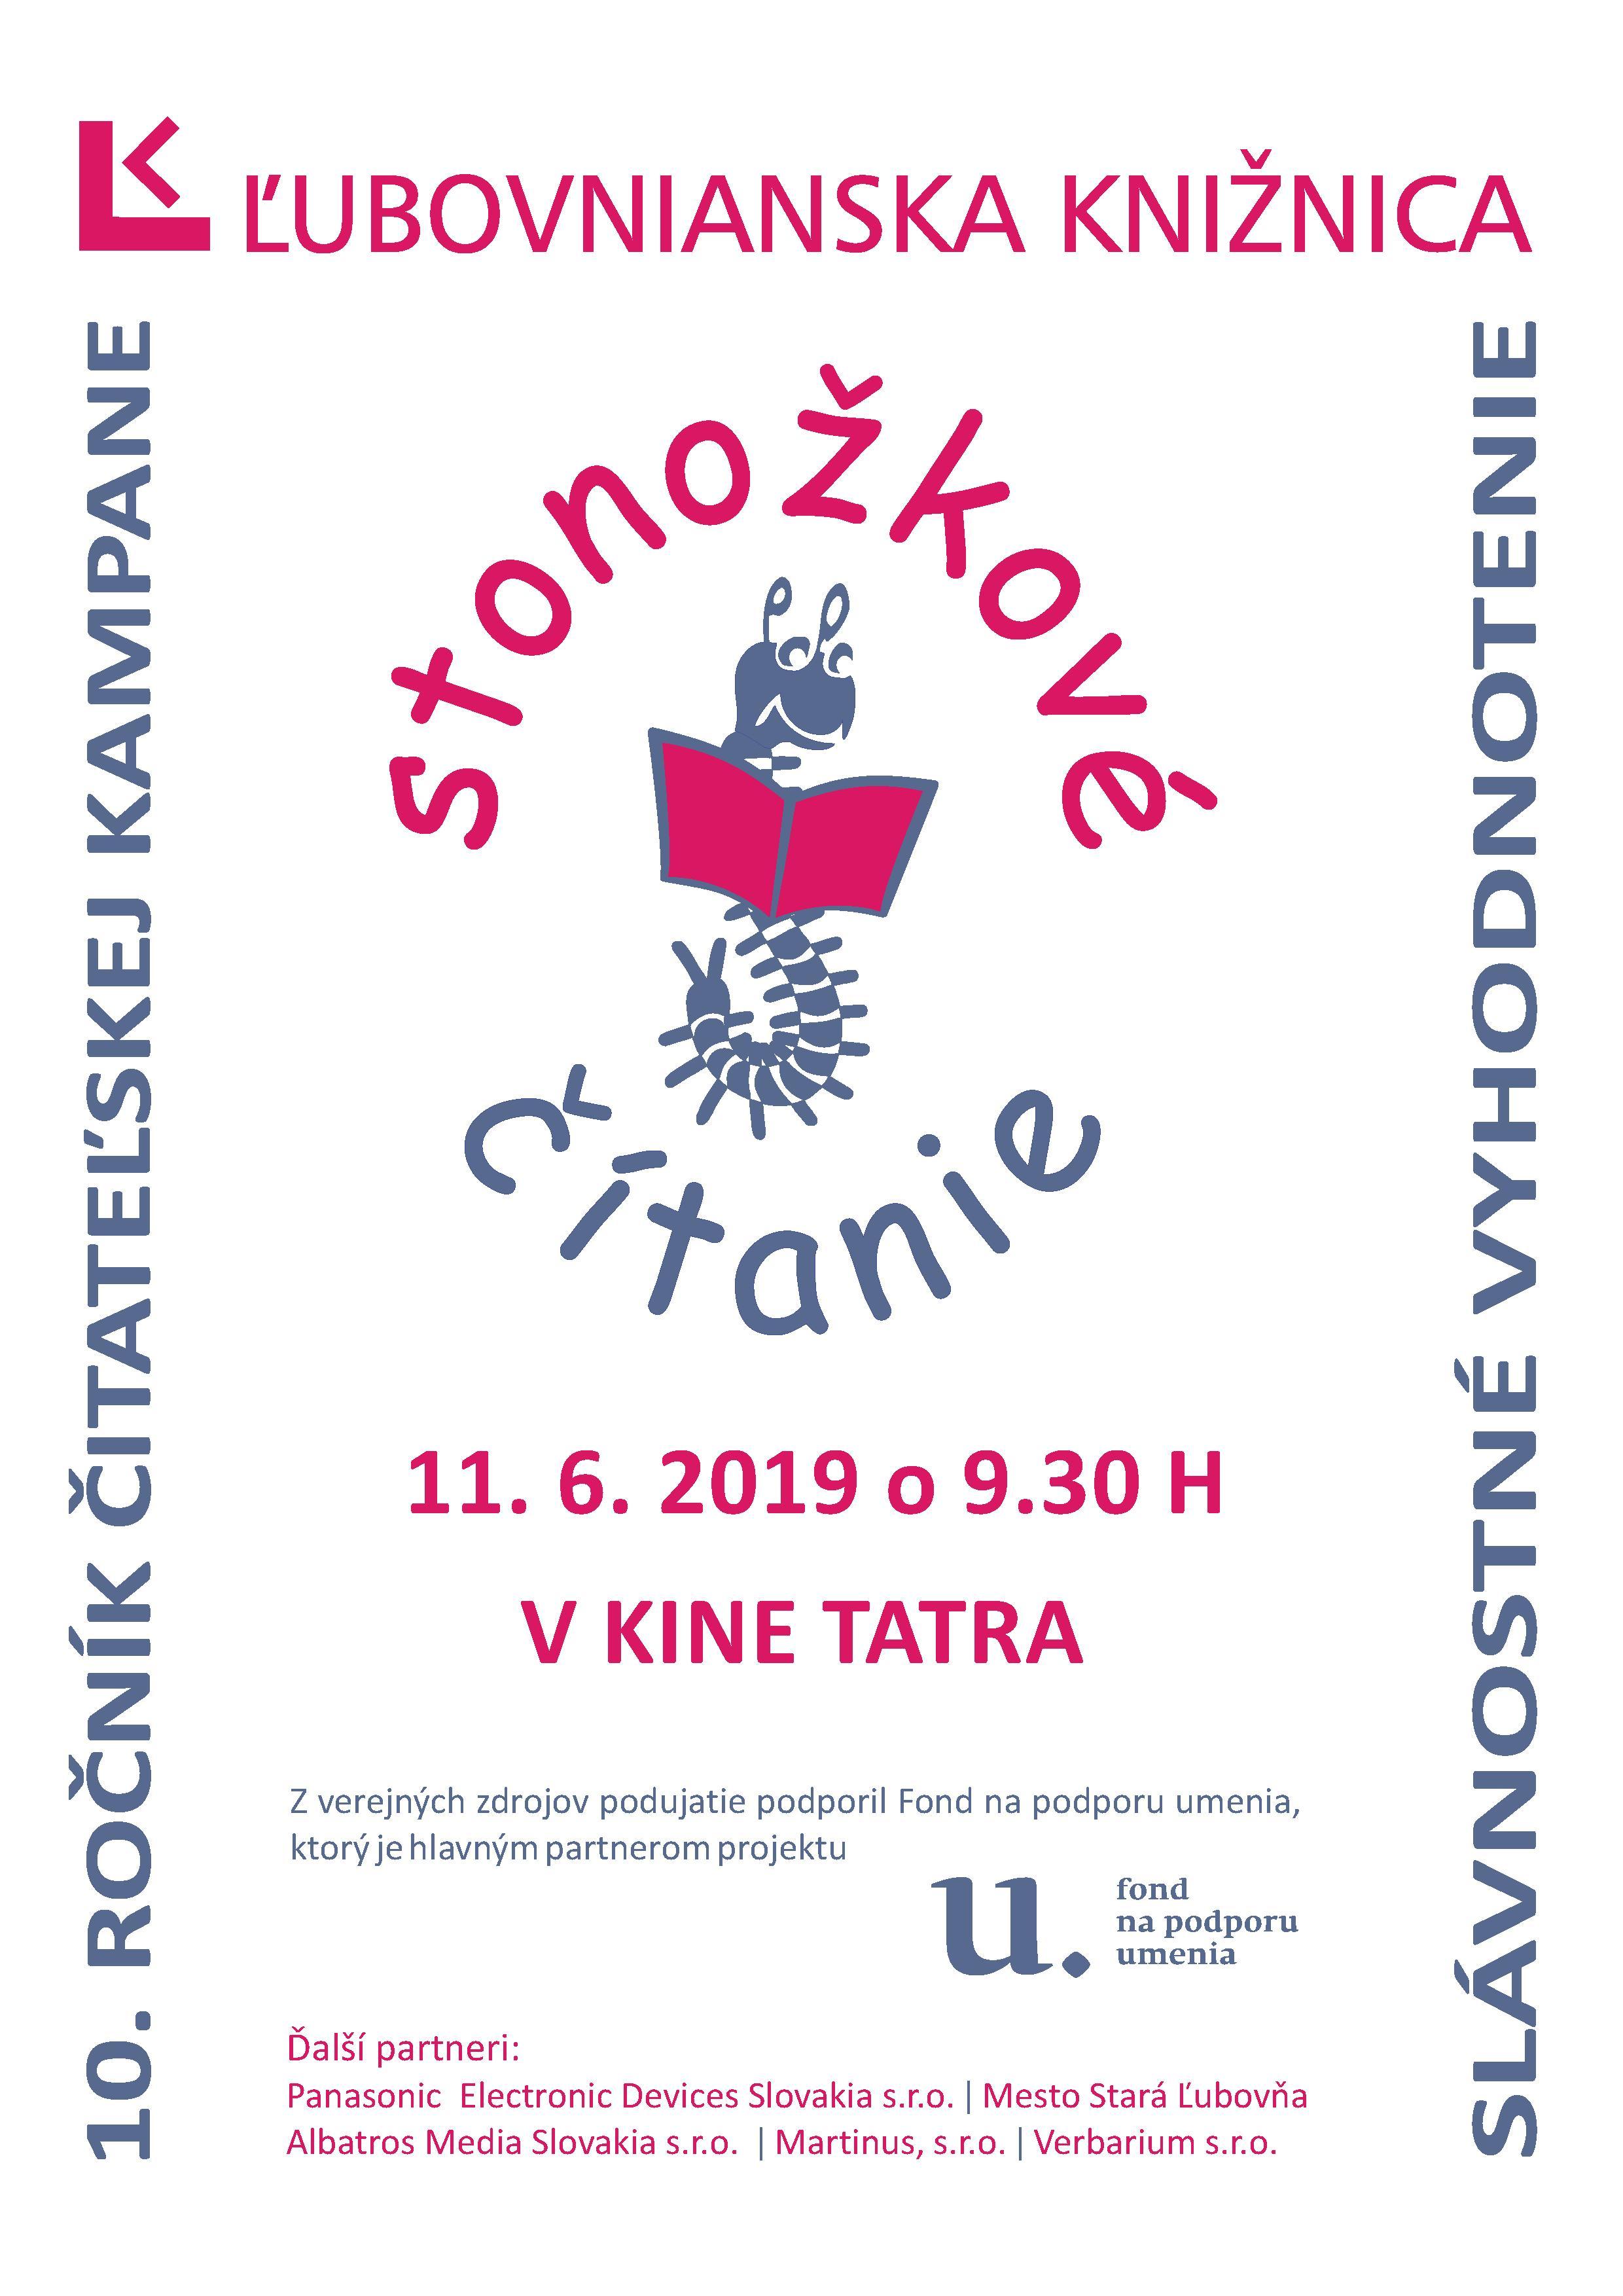 Kalendár podujatí Ľubovnianska knižnica